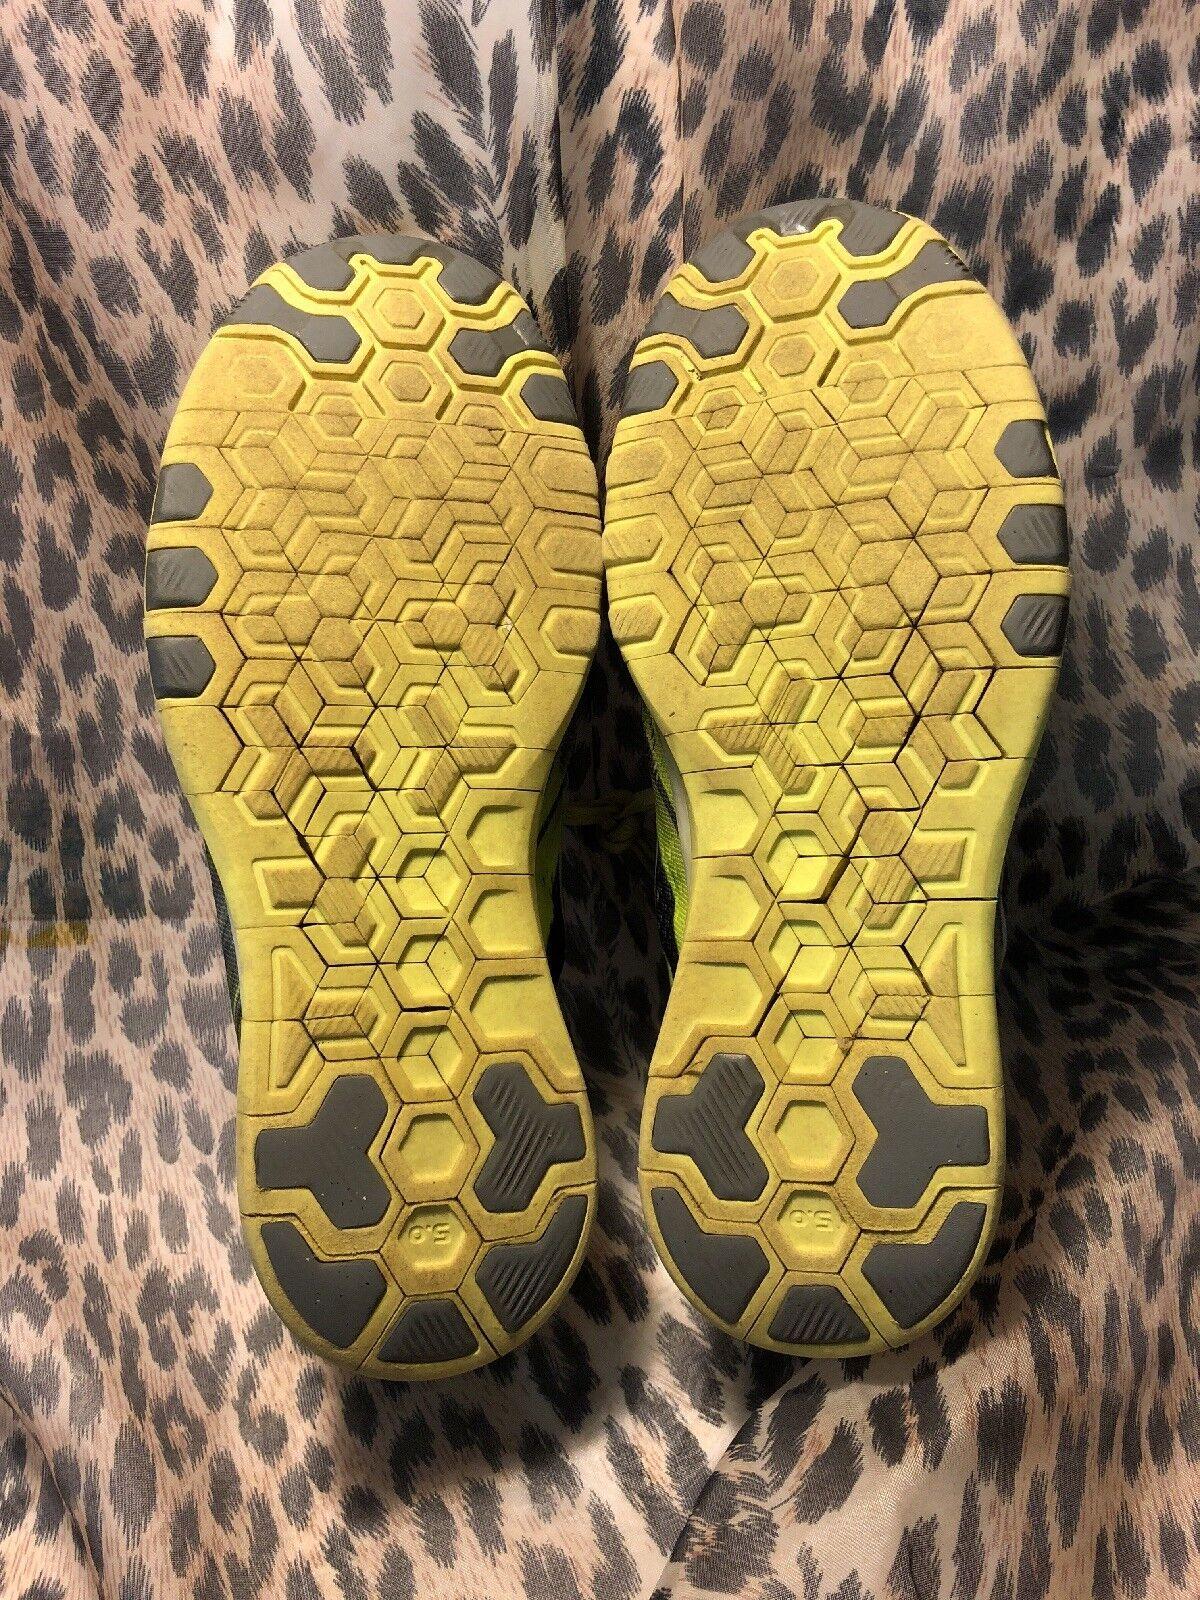 nike libera 5,0 tr forma 5 nero / bianco bianco bianco / volt | marmo impronta scarpe taglia le 8,5 | Ogni articolo descritto è disponibile  | Buona reputazione a livello mondiale  | Economico E Pratico  | Uomo/Donna Scarpa  | Uomini/Donne Scarpa  | Uomo/Donna Sca ab0ad1